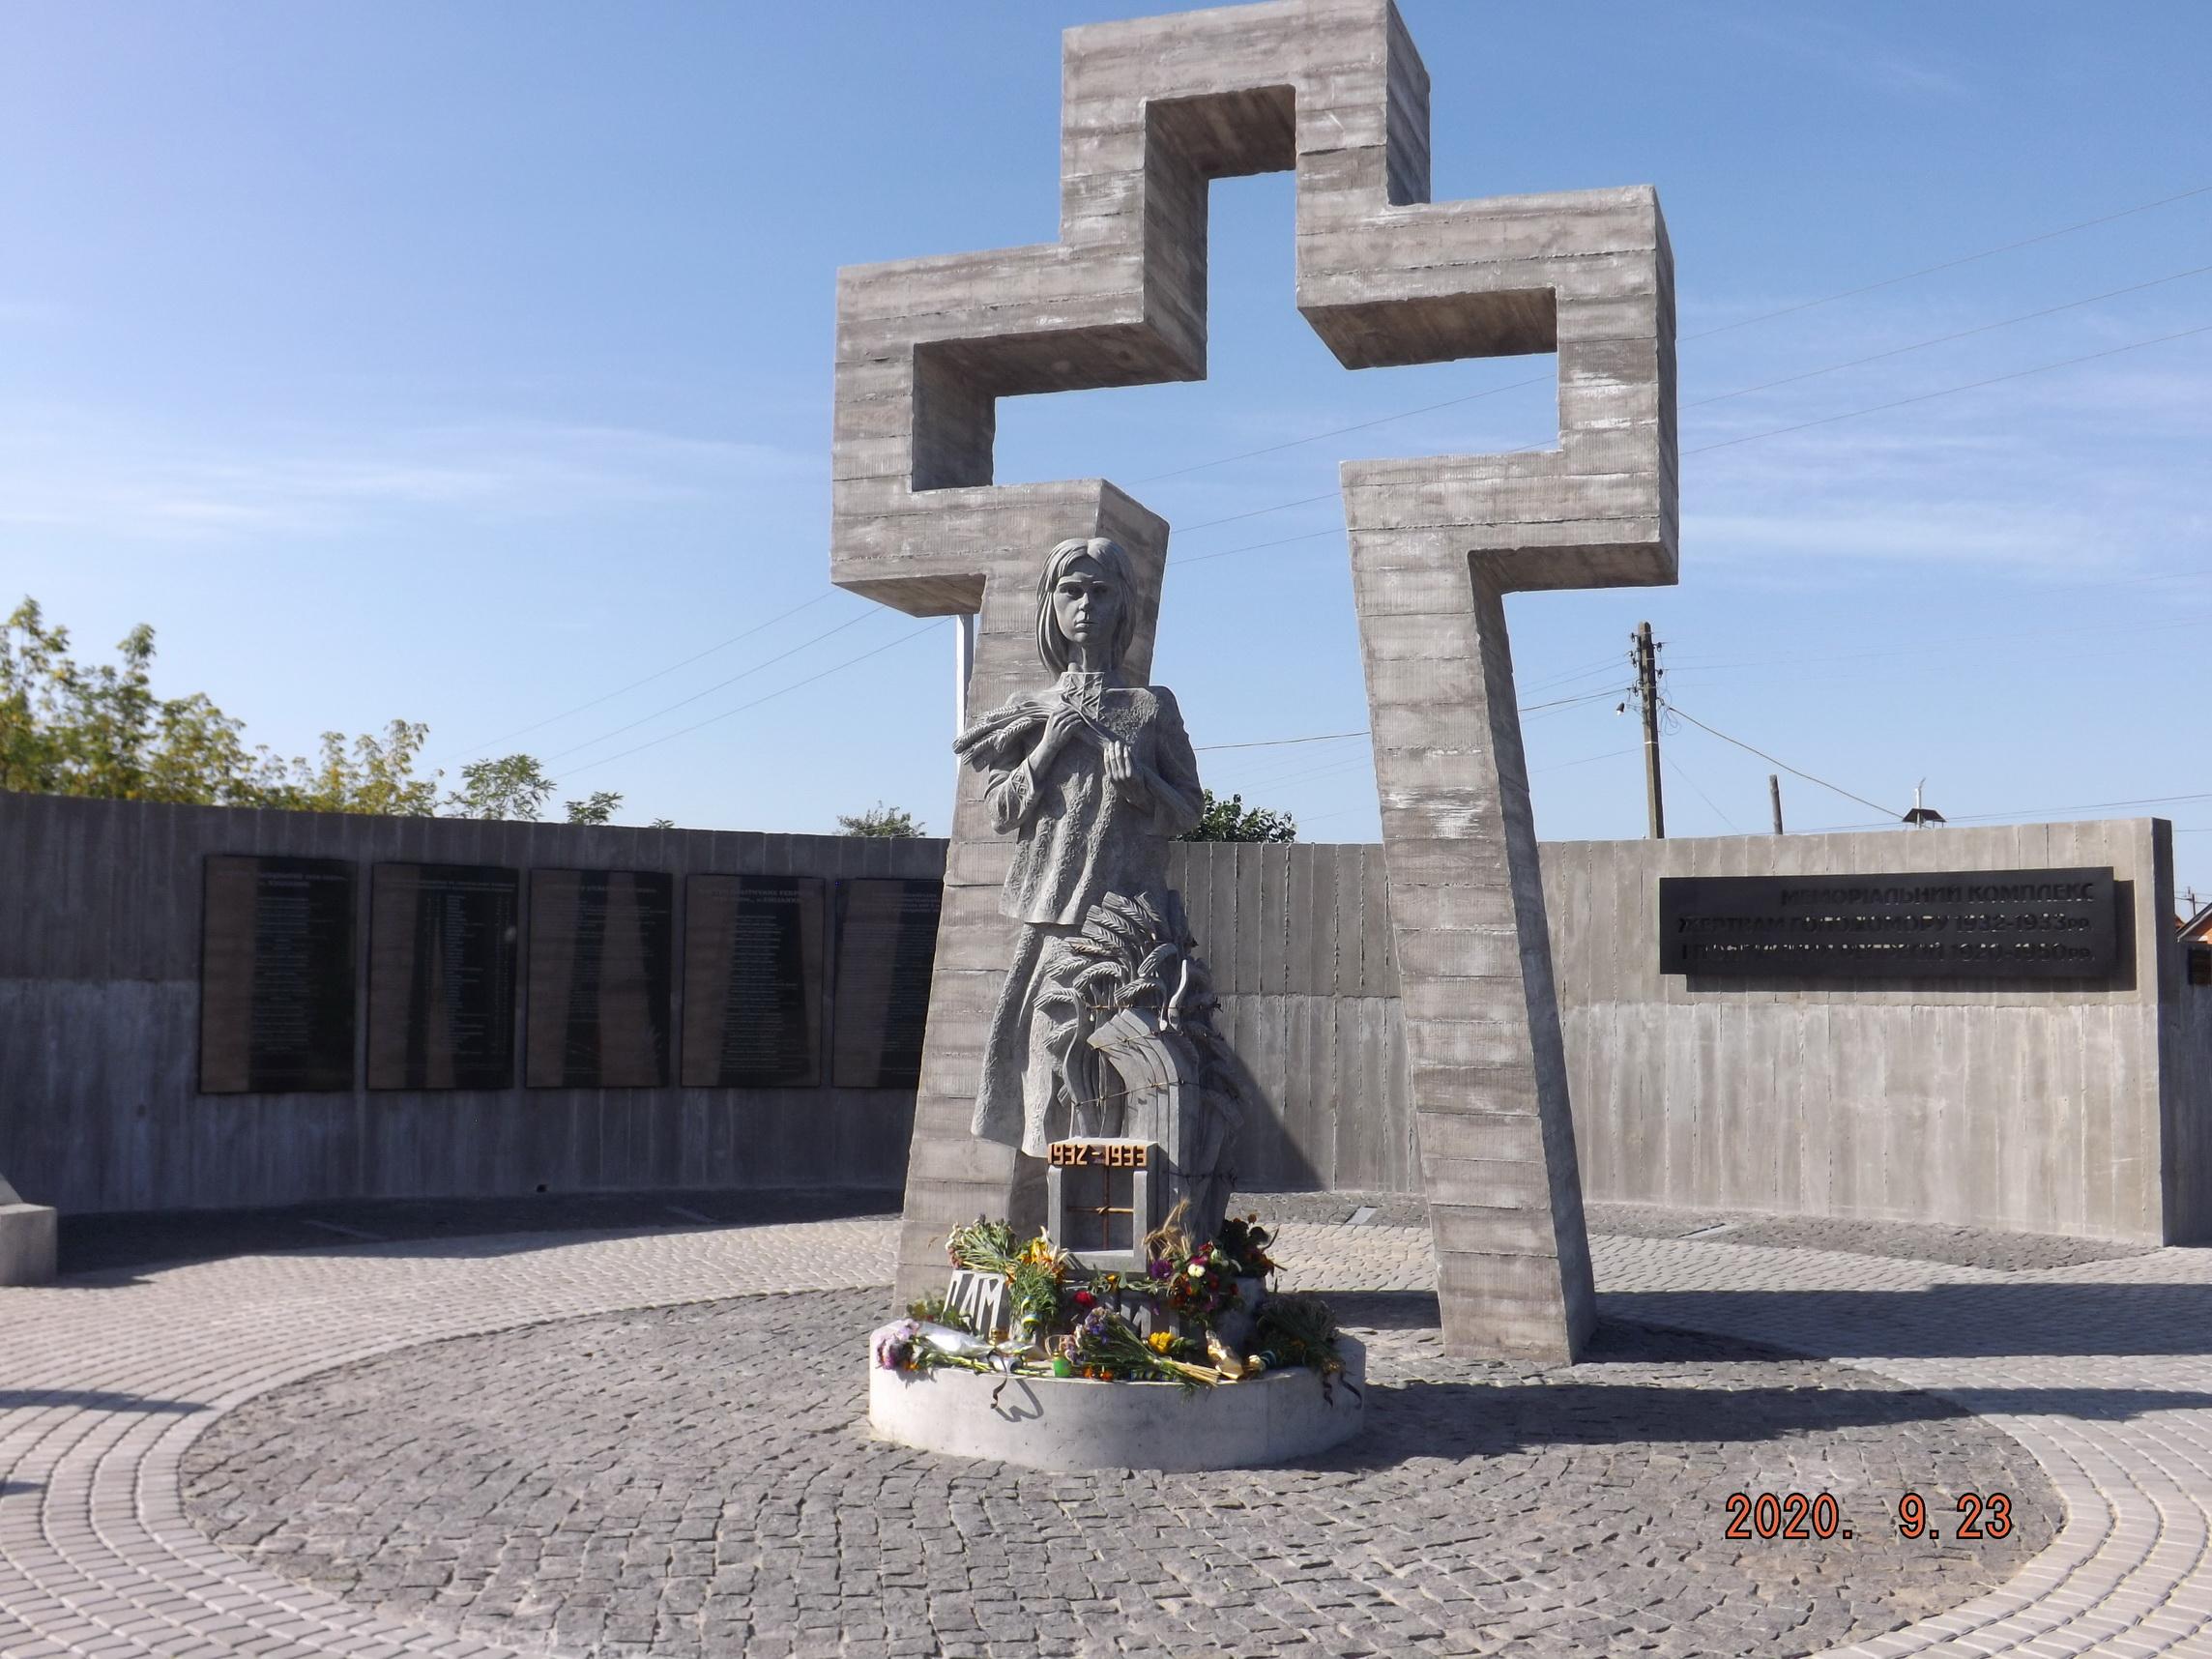 Меморіальний комплекс жертвам Голодомору, відкриття якого відбулося в вересні у Хмільнику, може стати пам'яткою культури